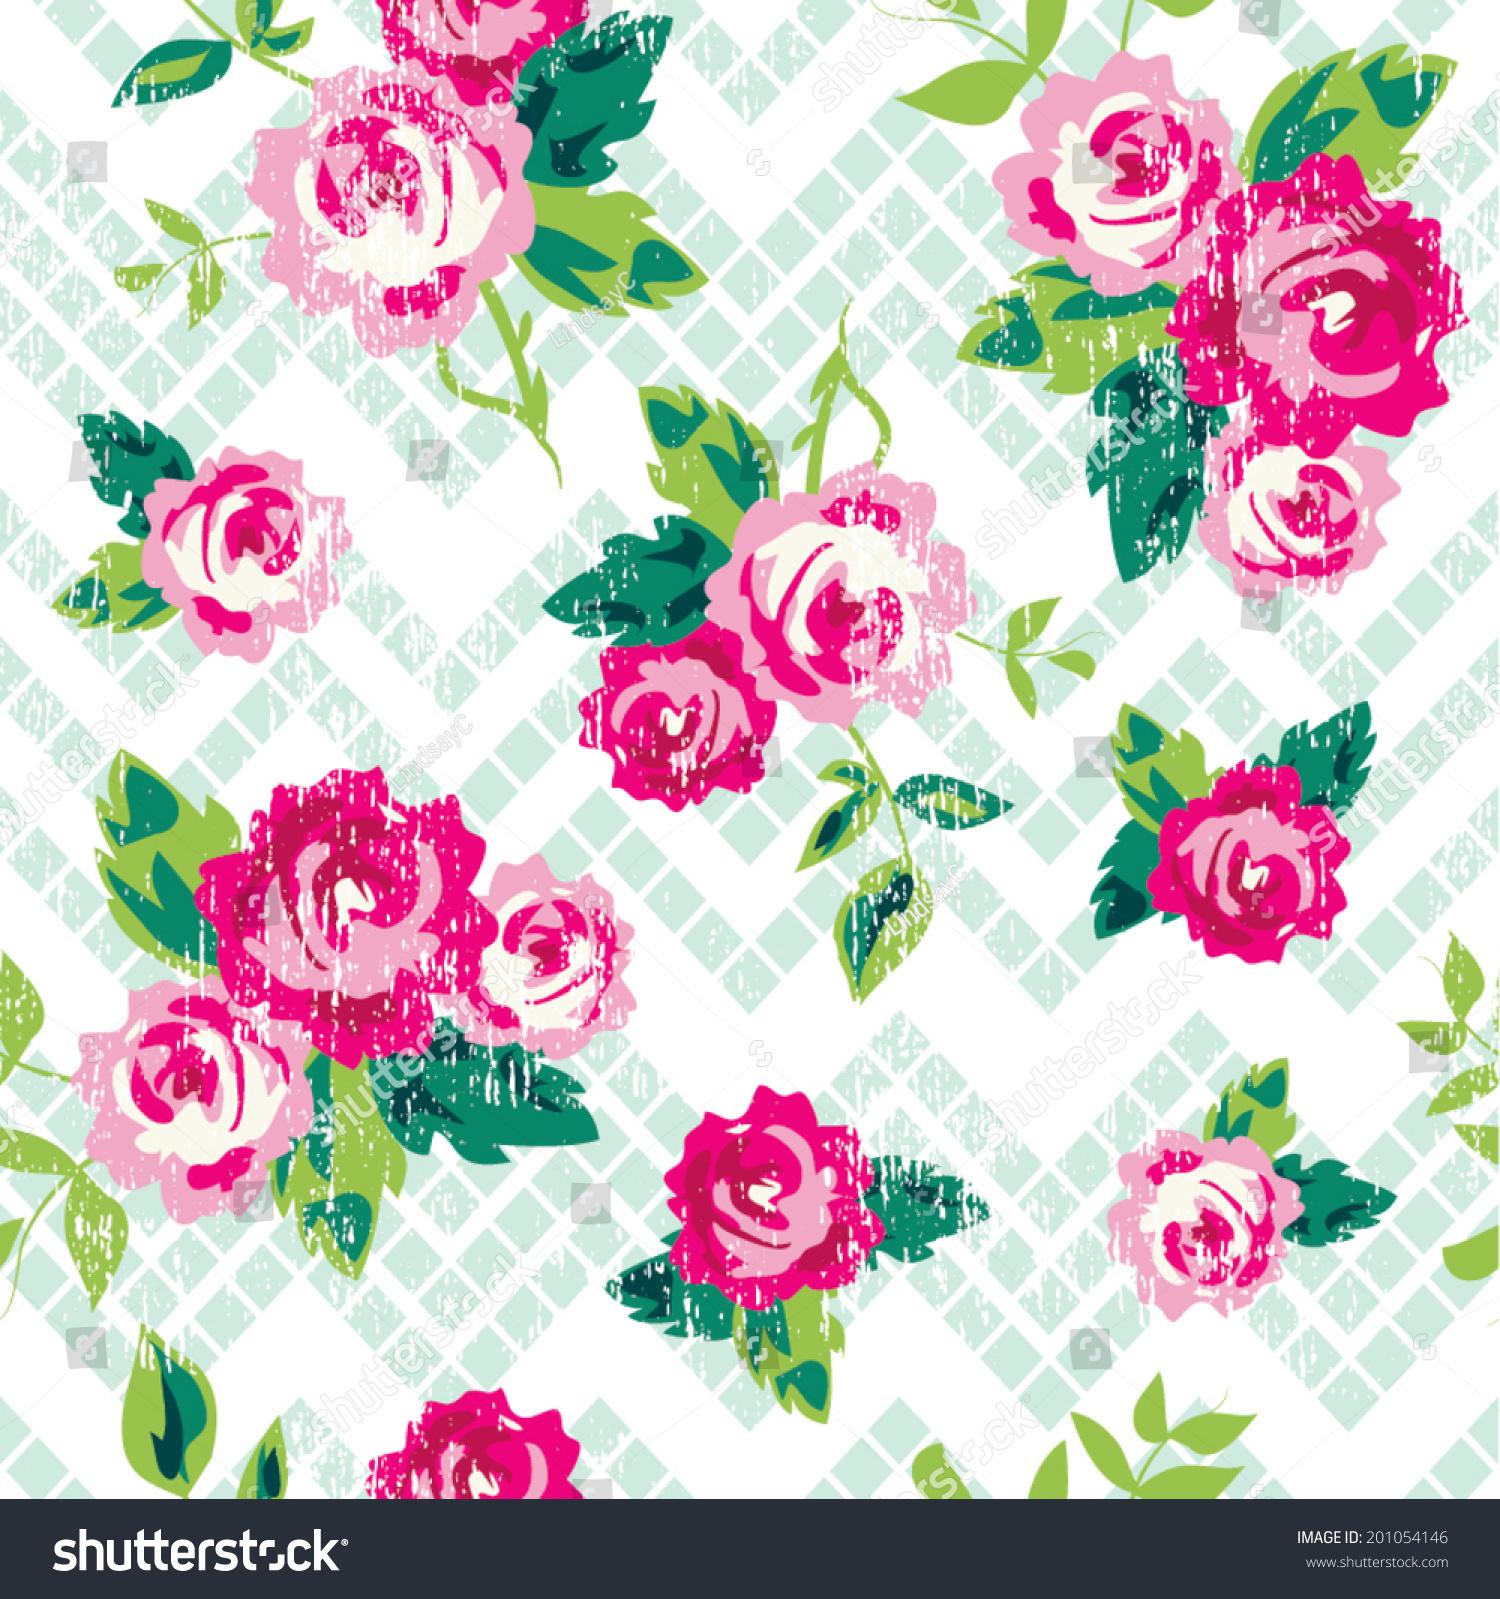 Best 25  Geometric flower ideas on Pinterest | Symbol for family ...